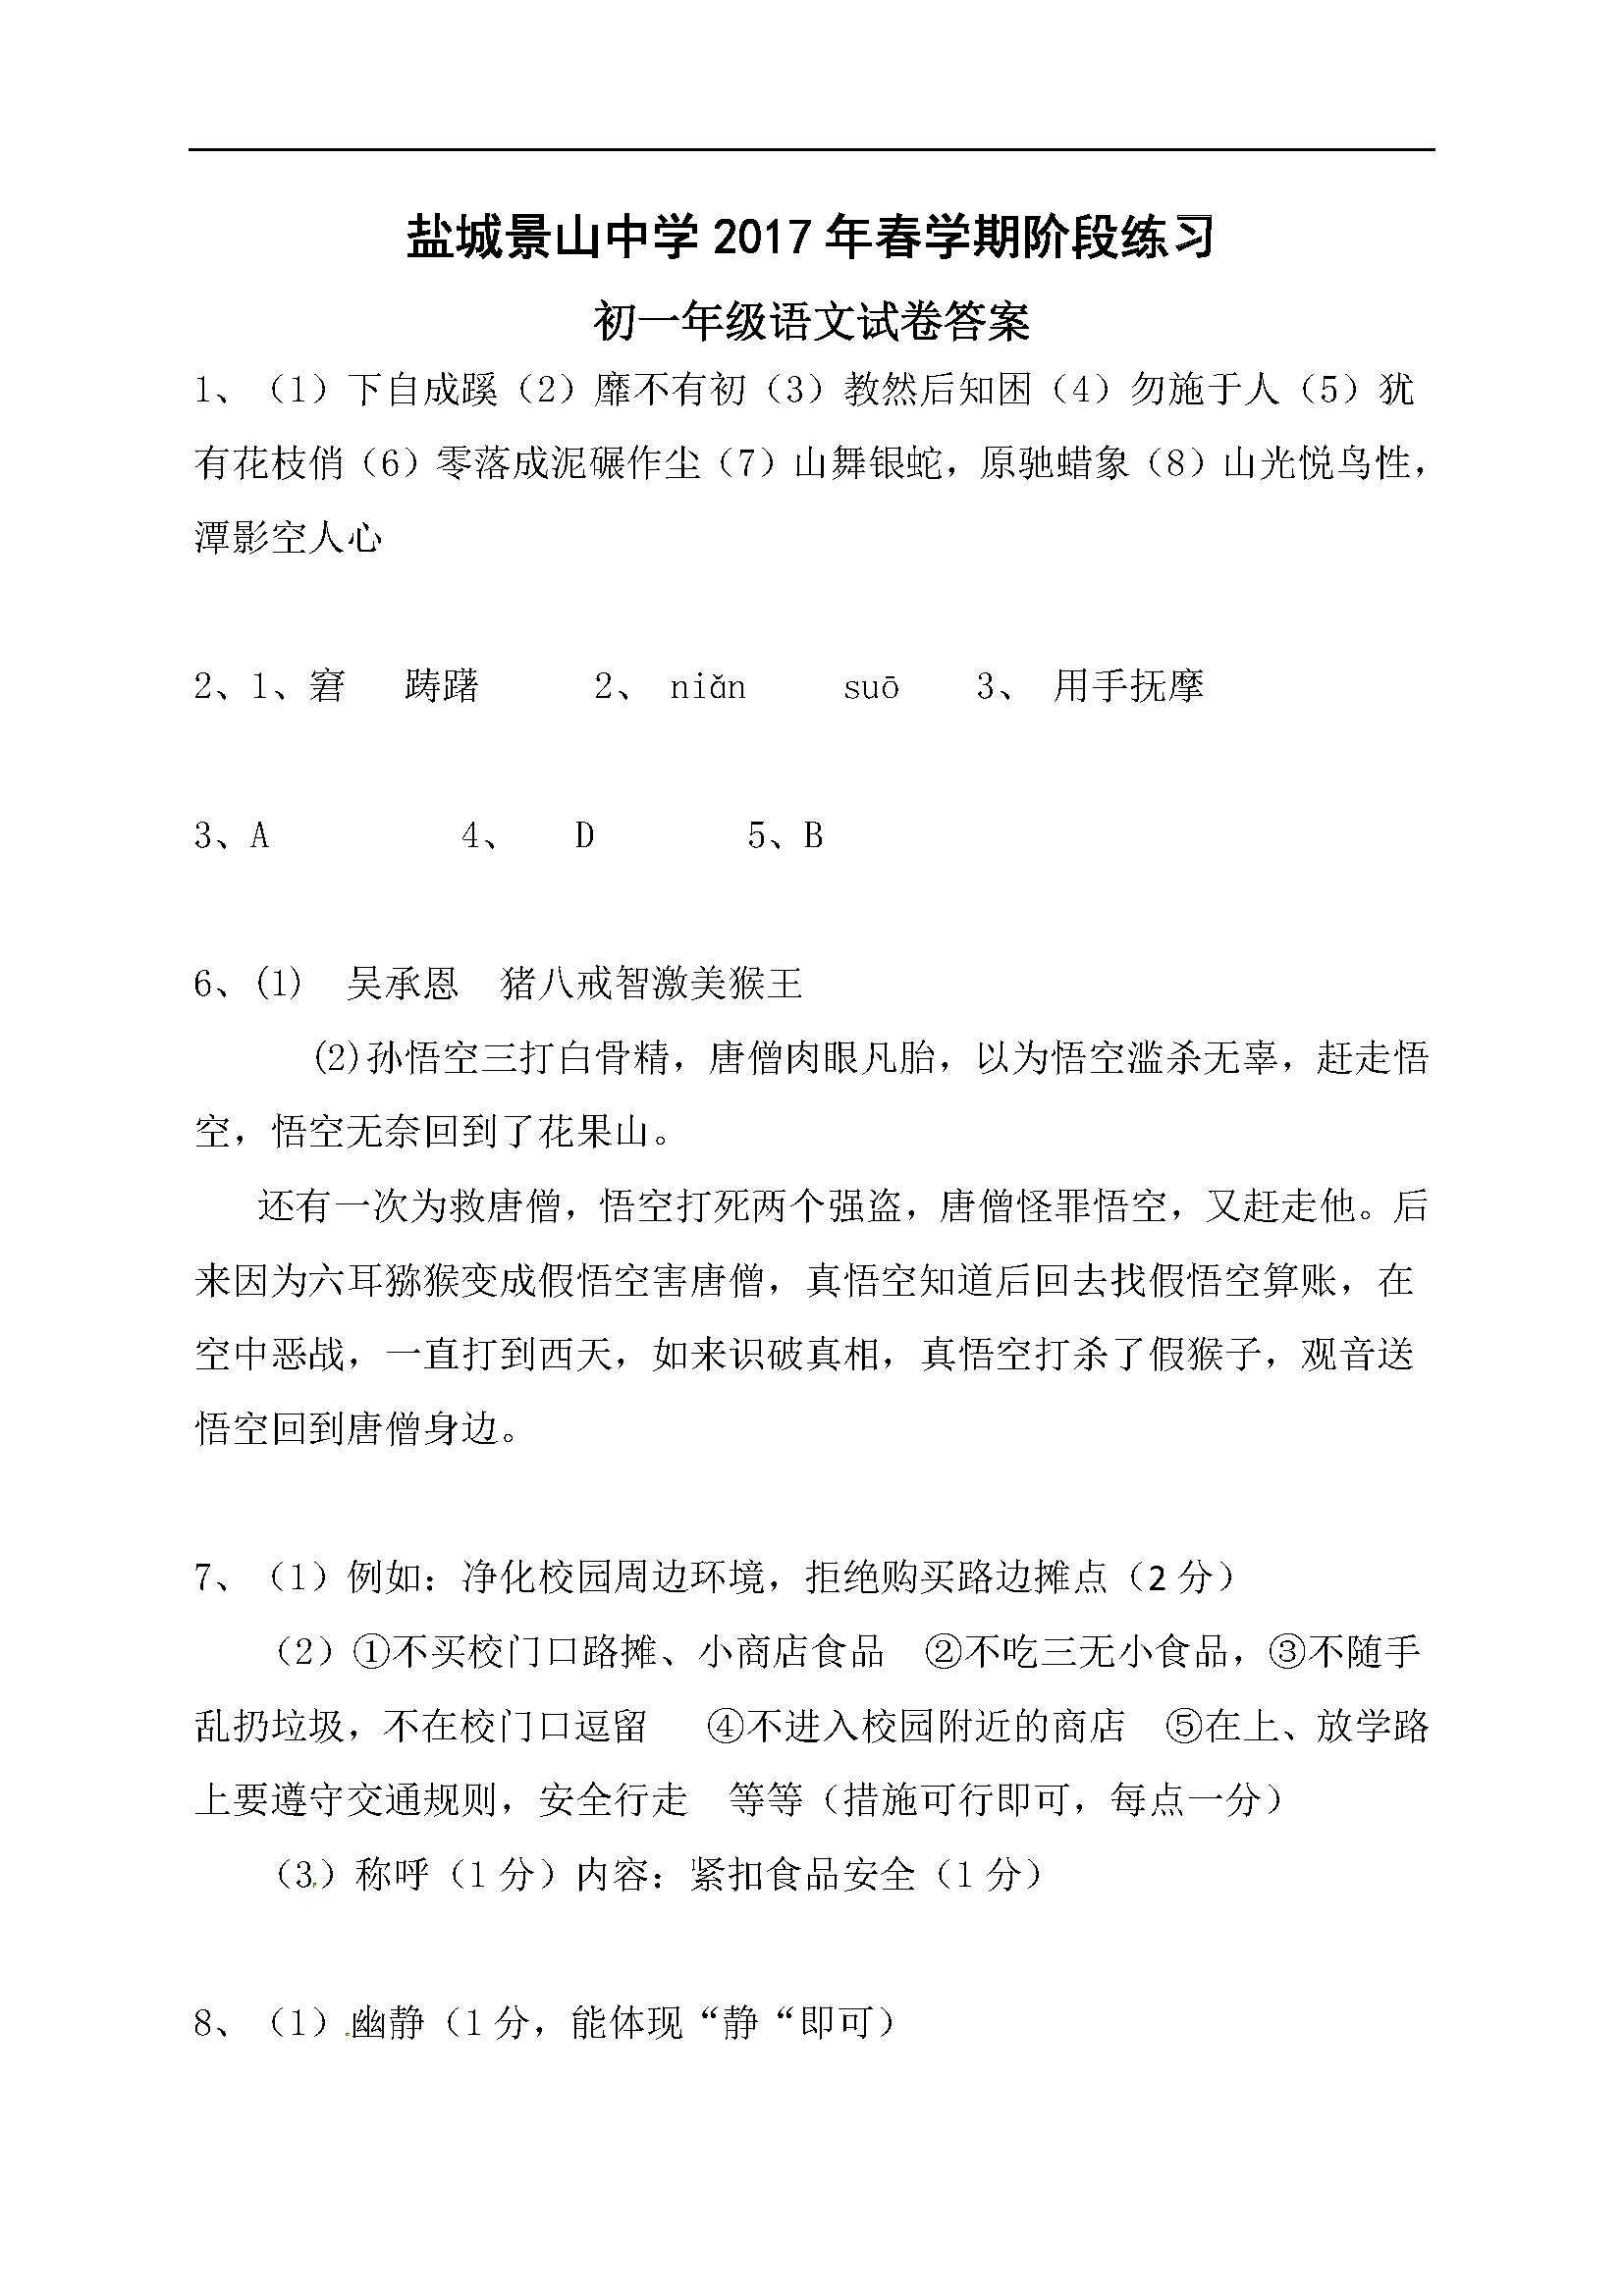 2017江苏盐城七年级下第一次月考语文试题答案(Word版)